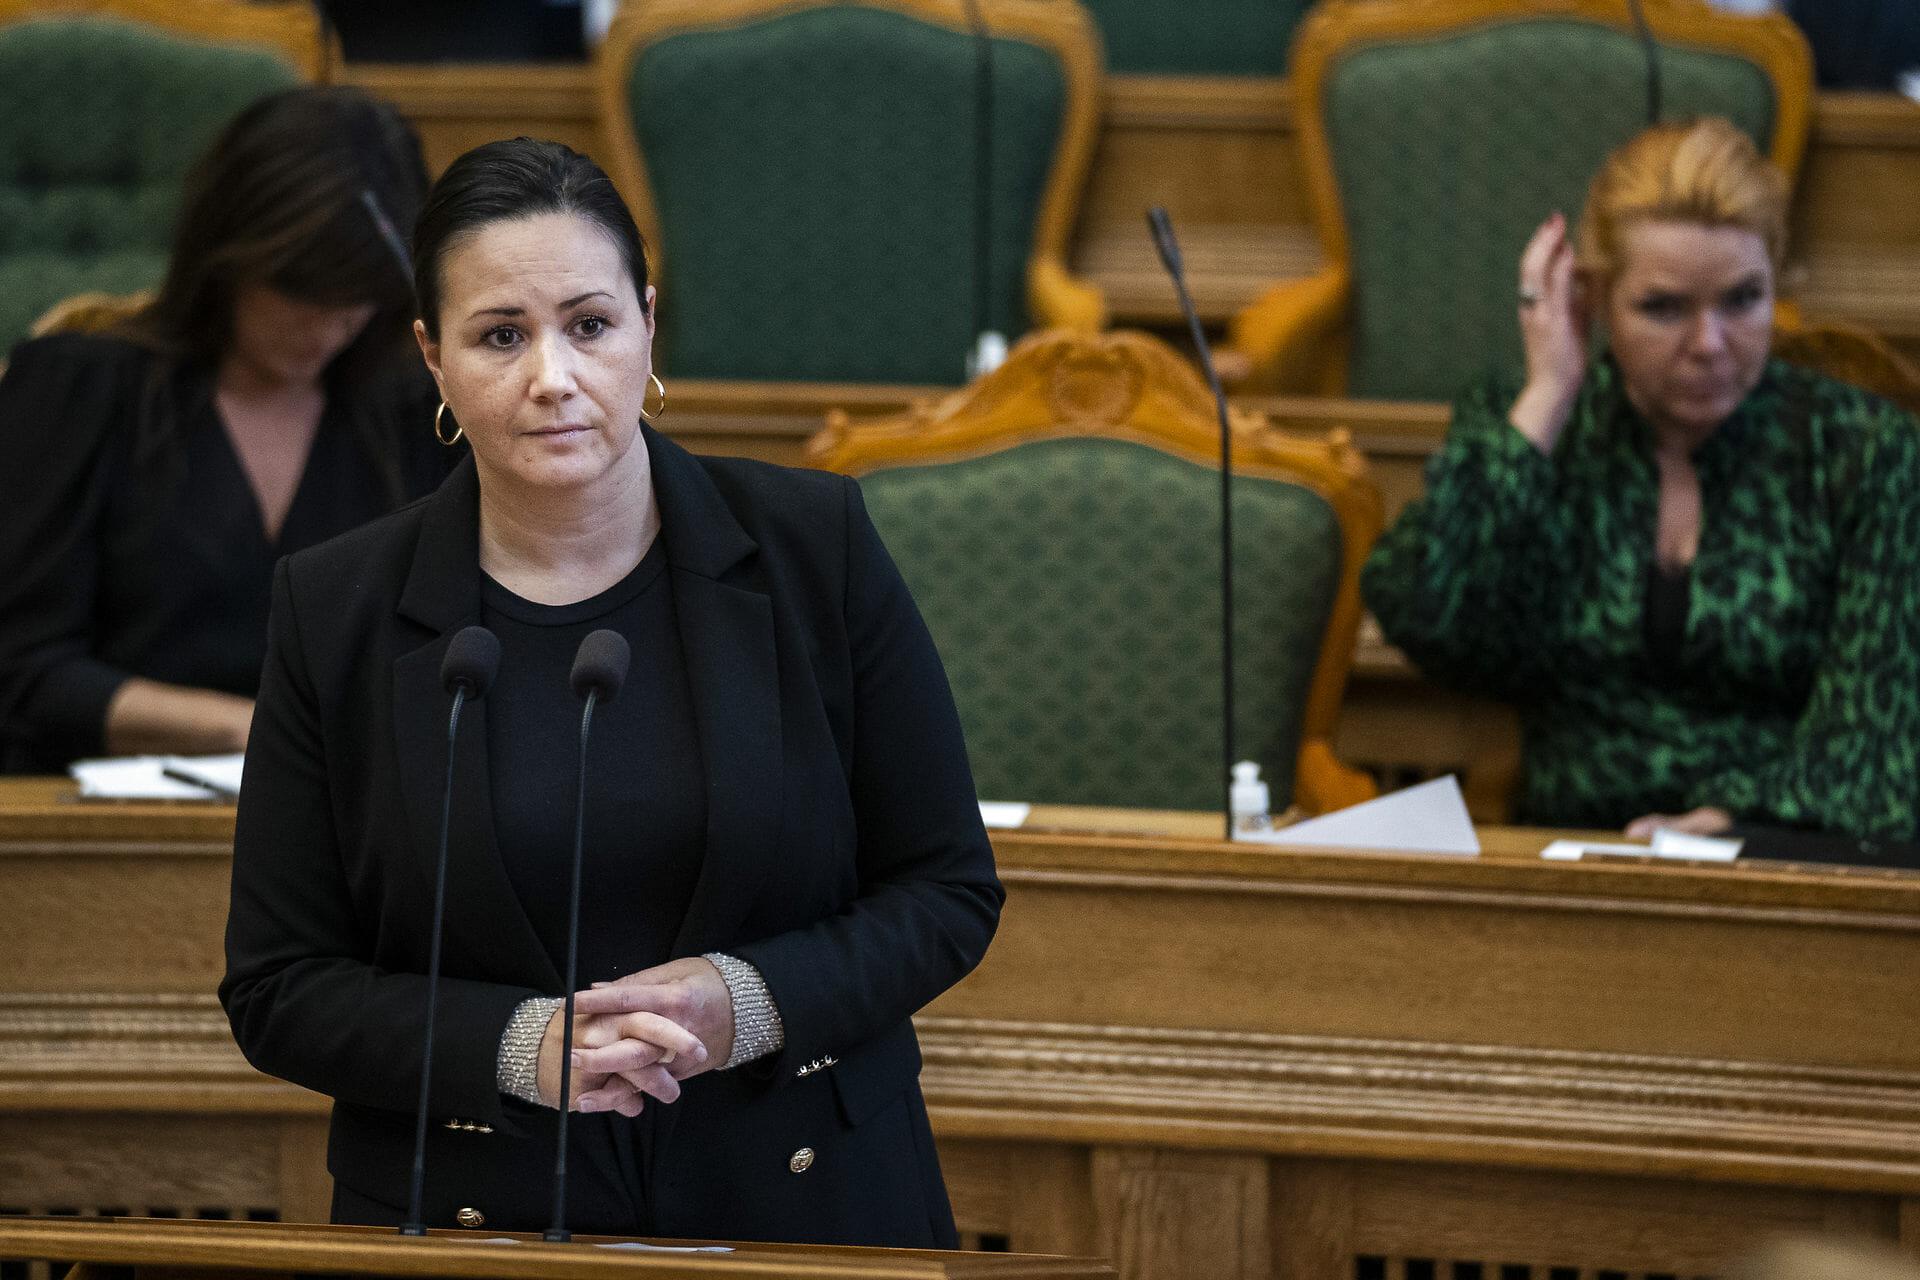 Regeringen afviser erstatning til grønlandske børn uden retssag